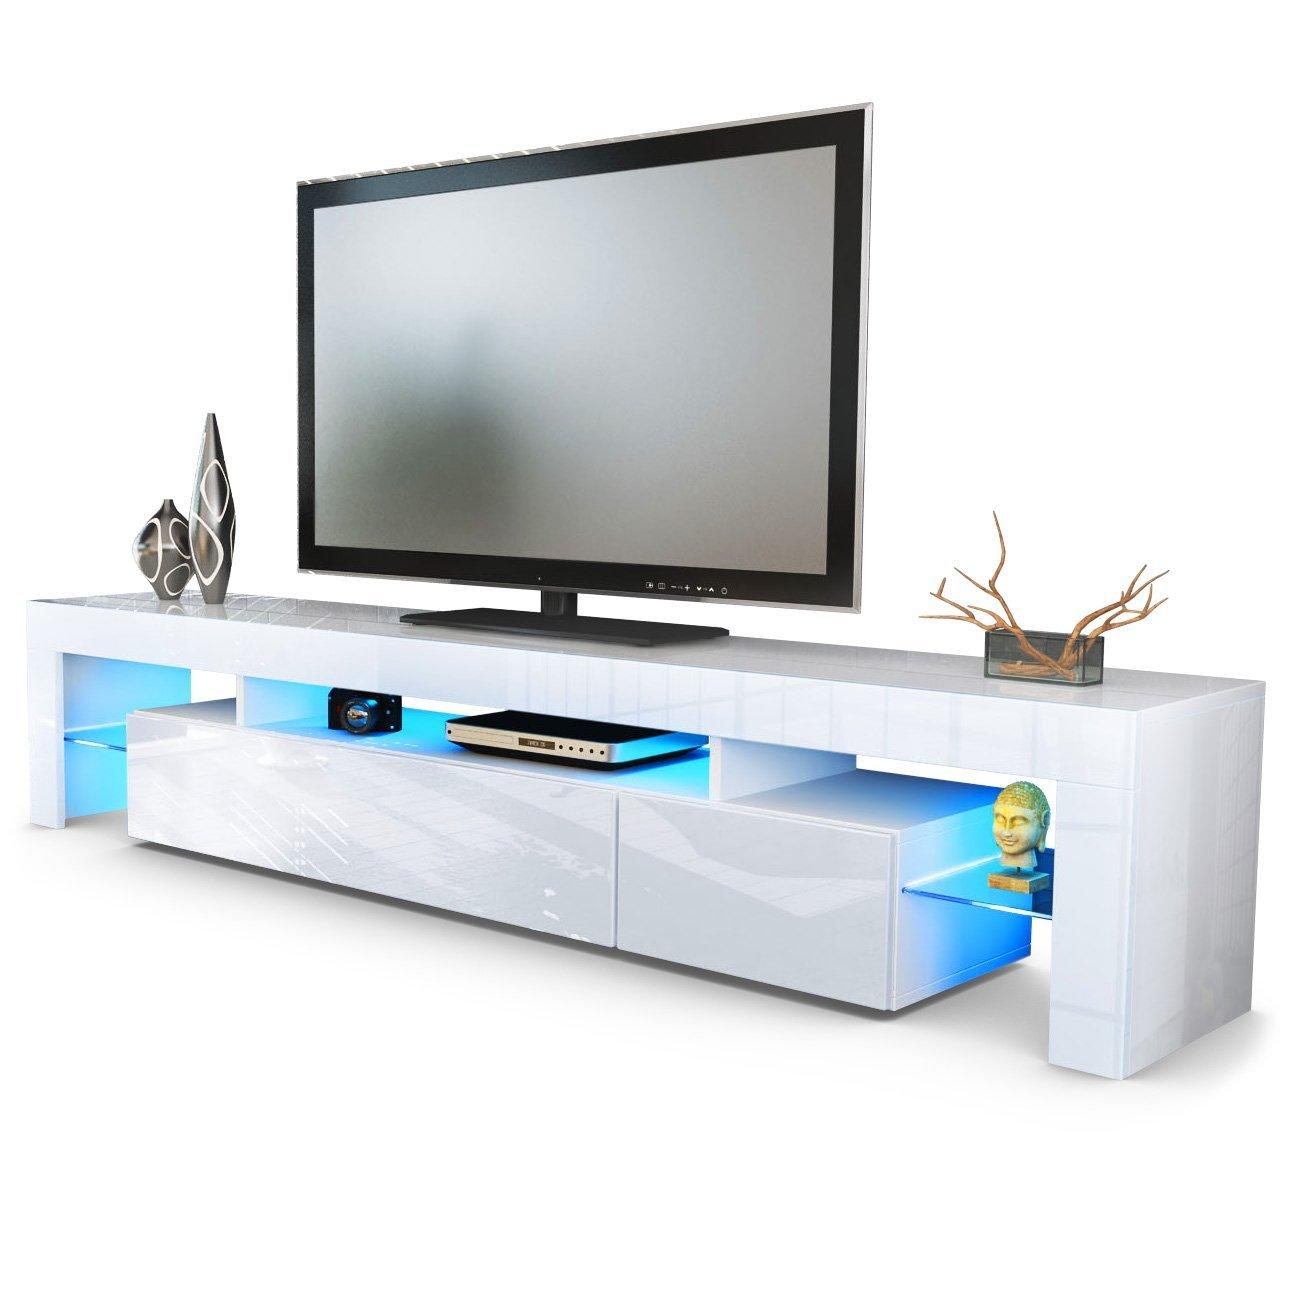 Fernsehschrank weiß  ▻Tv Lowboard weiß Hochglanz ++ Fernsehschrank kaufen